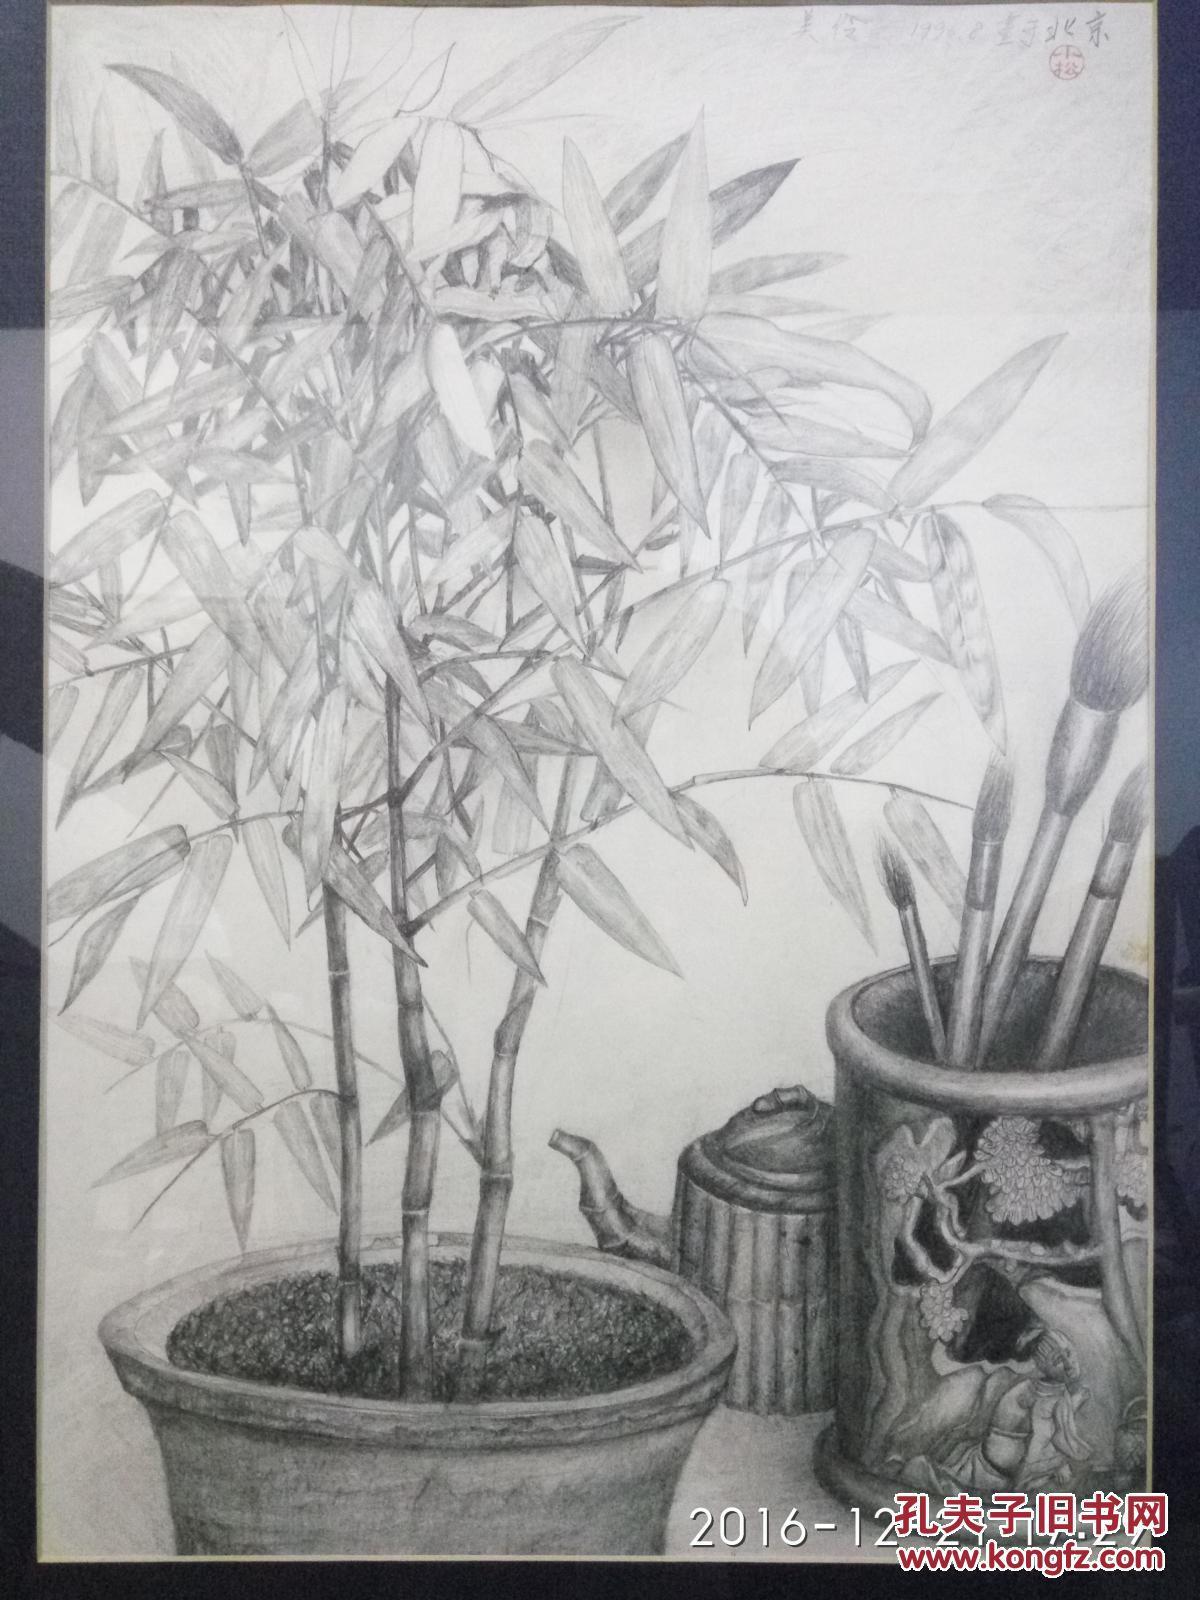 当代著名画家莫小松铅笔素描静物写生画图片